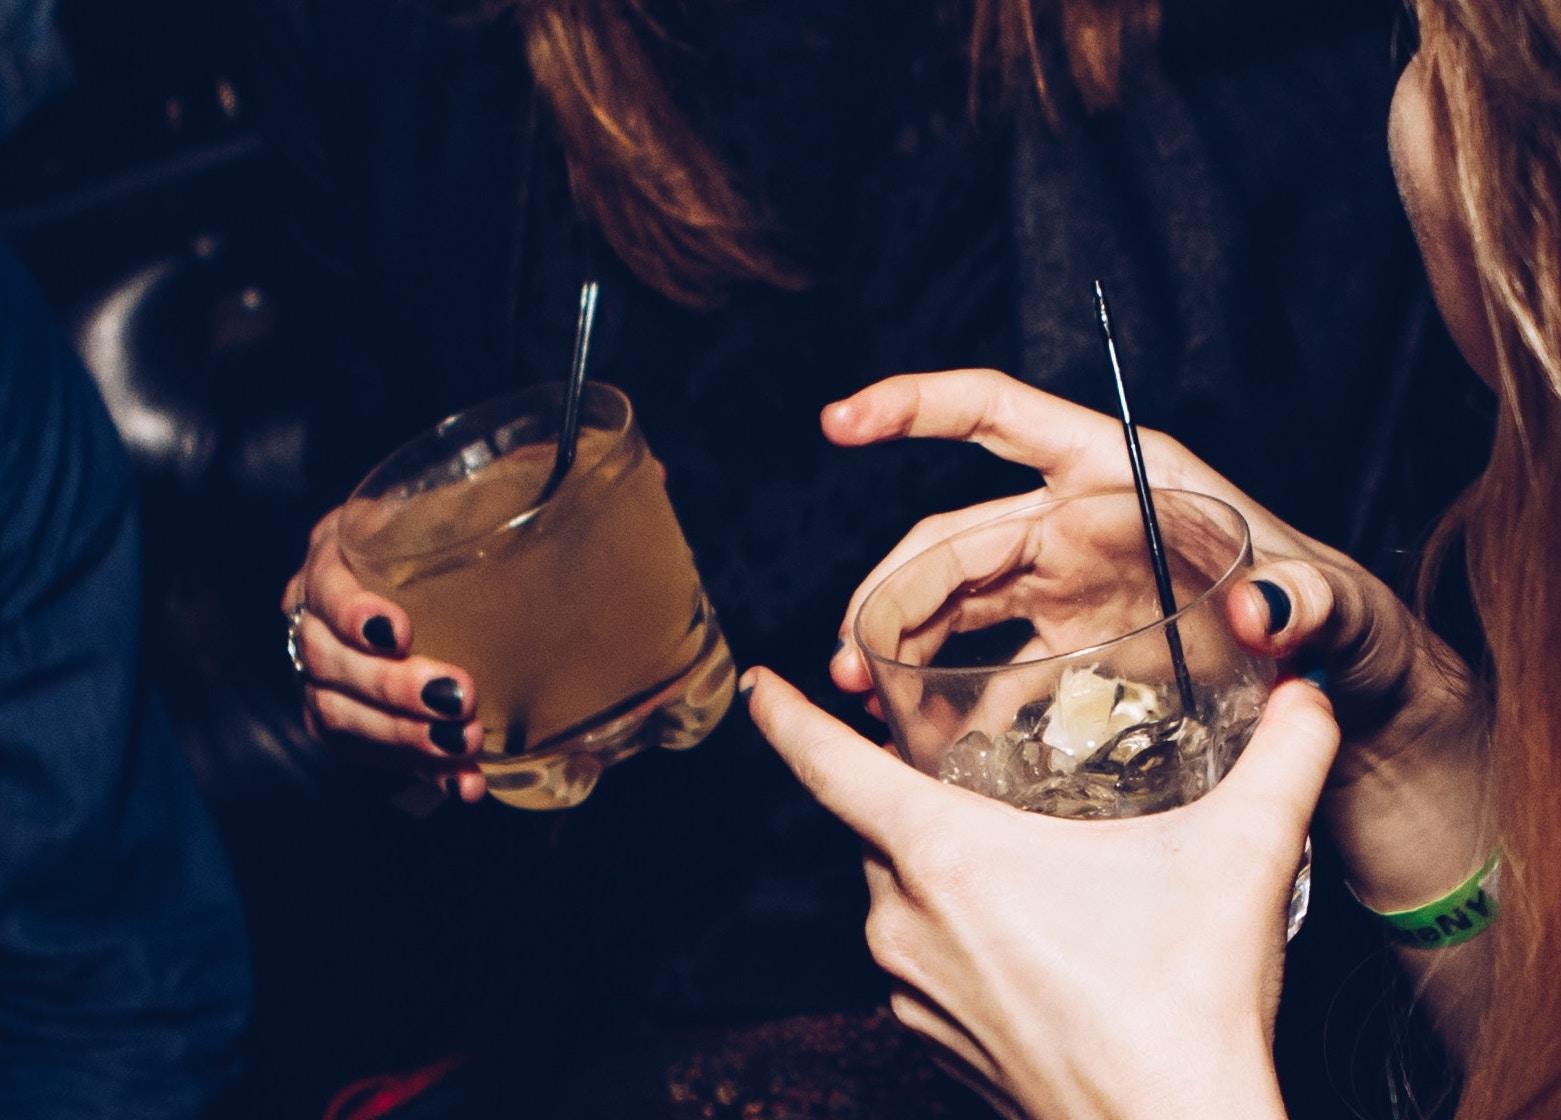 飲酒,アルコール,影響